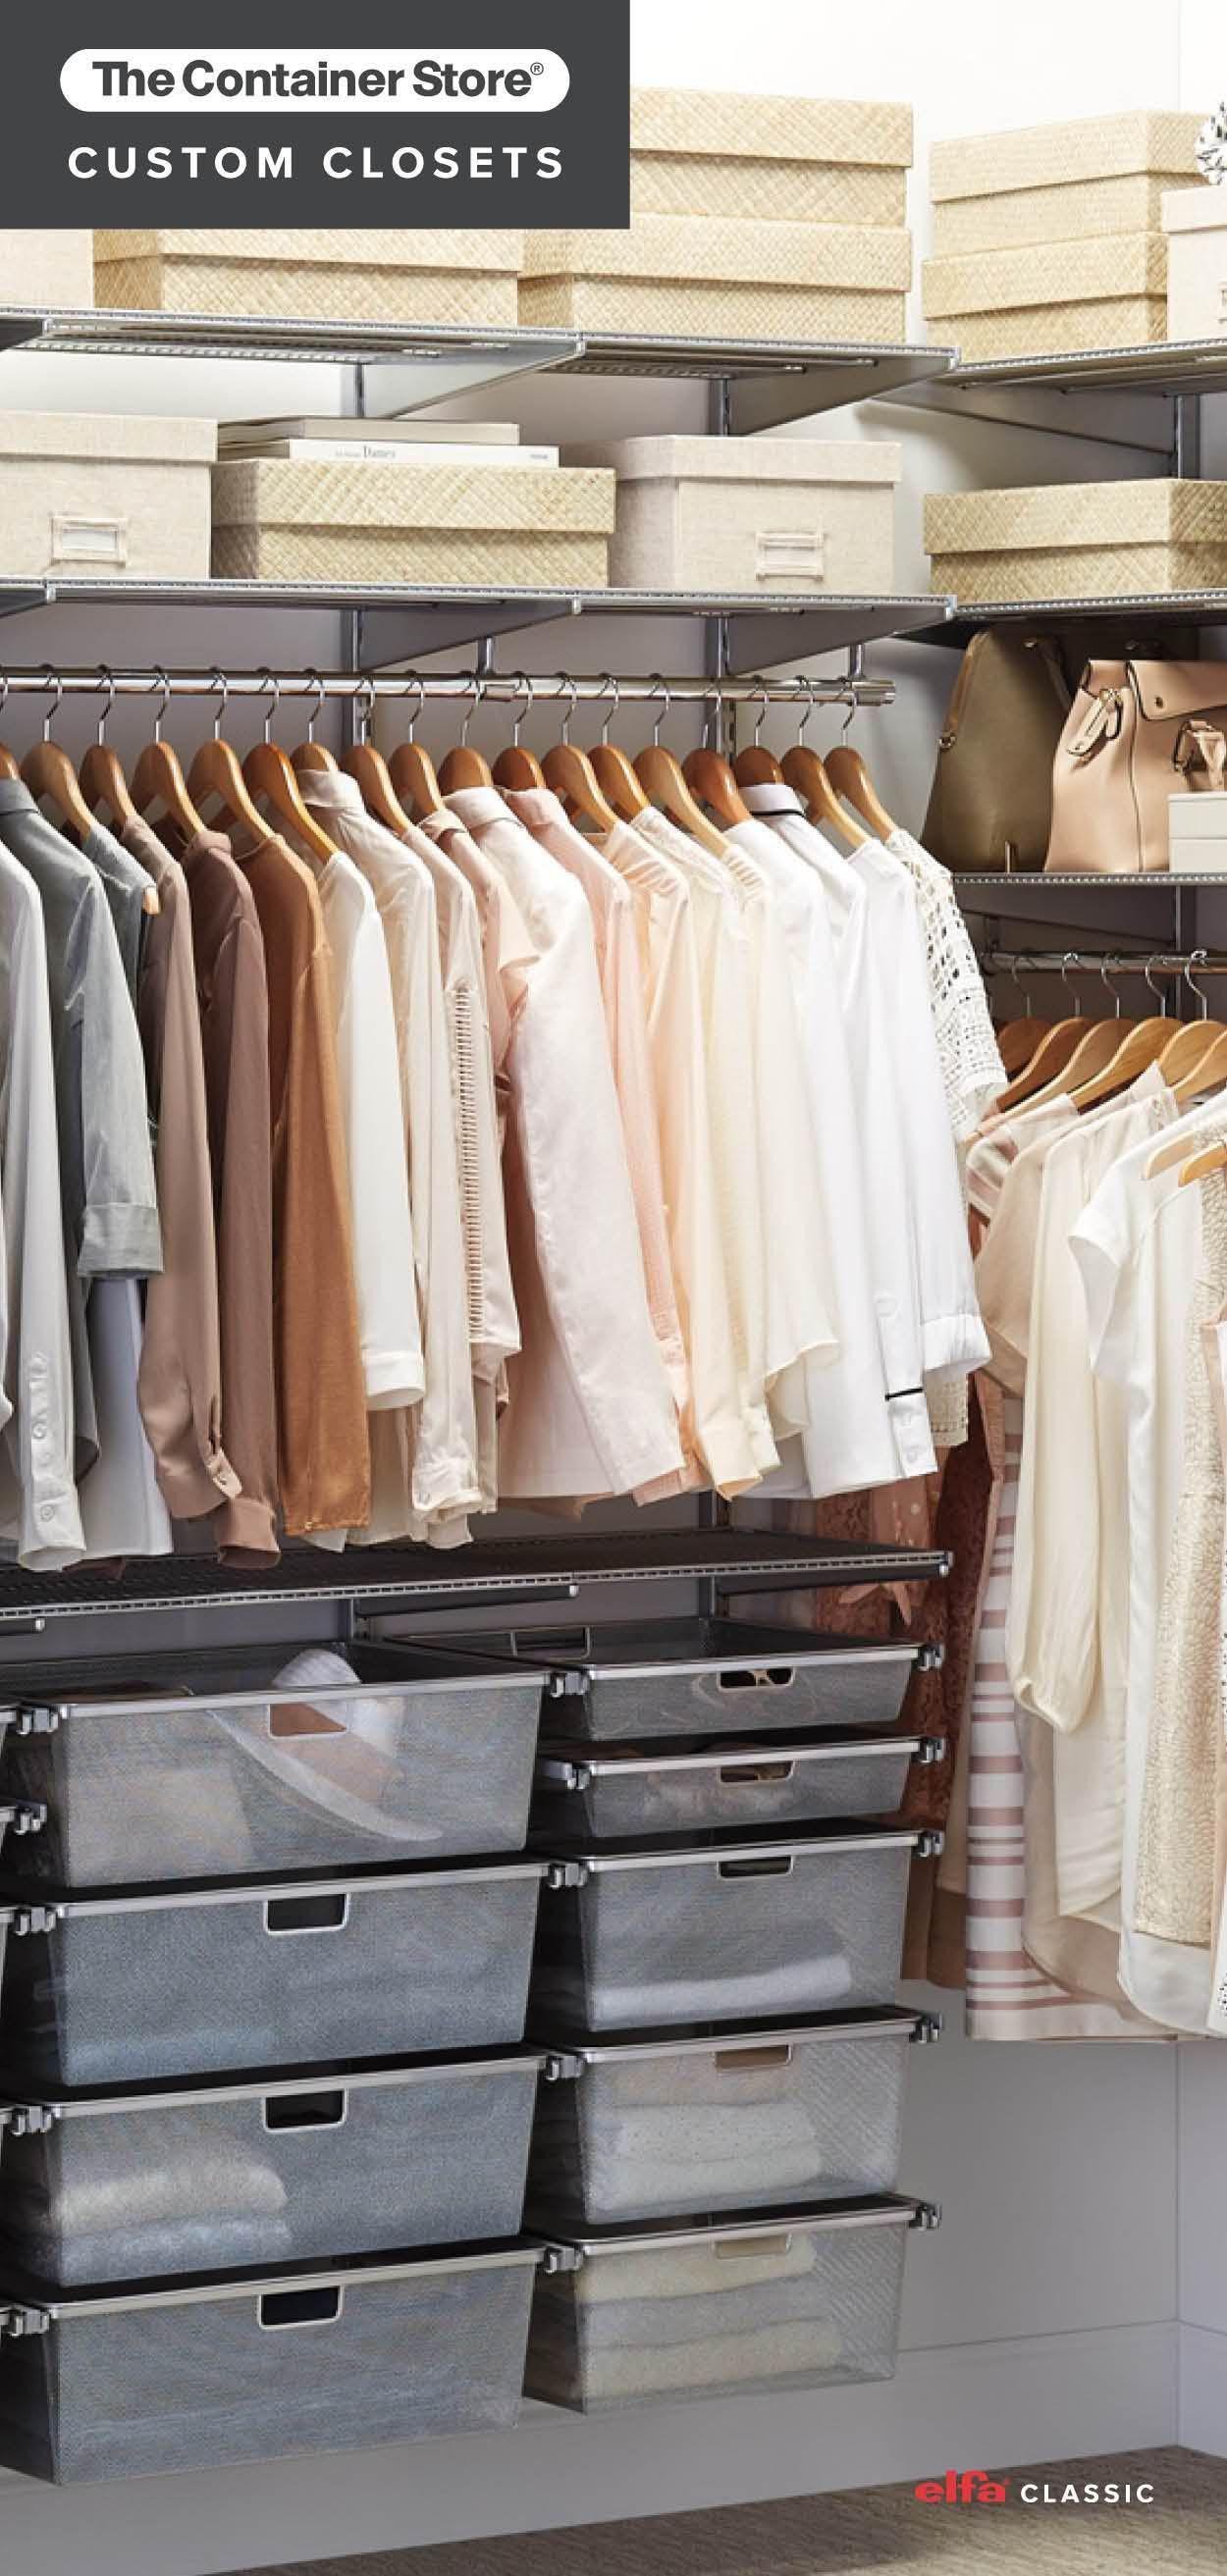 Elfa Classic is the original custom closet system ...